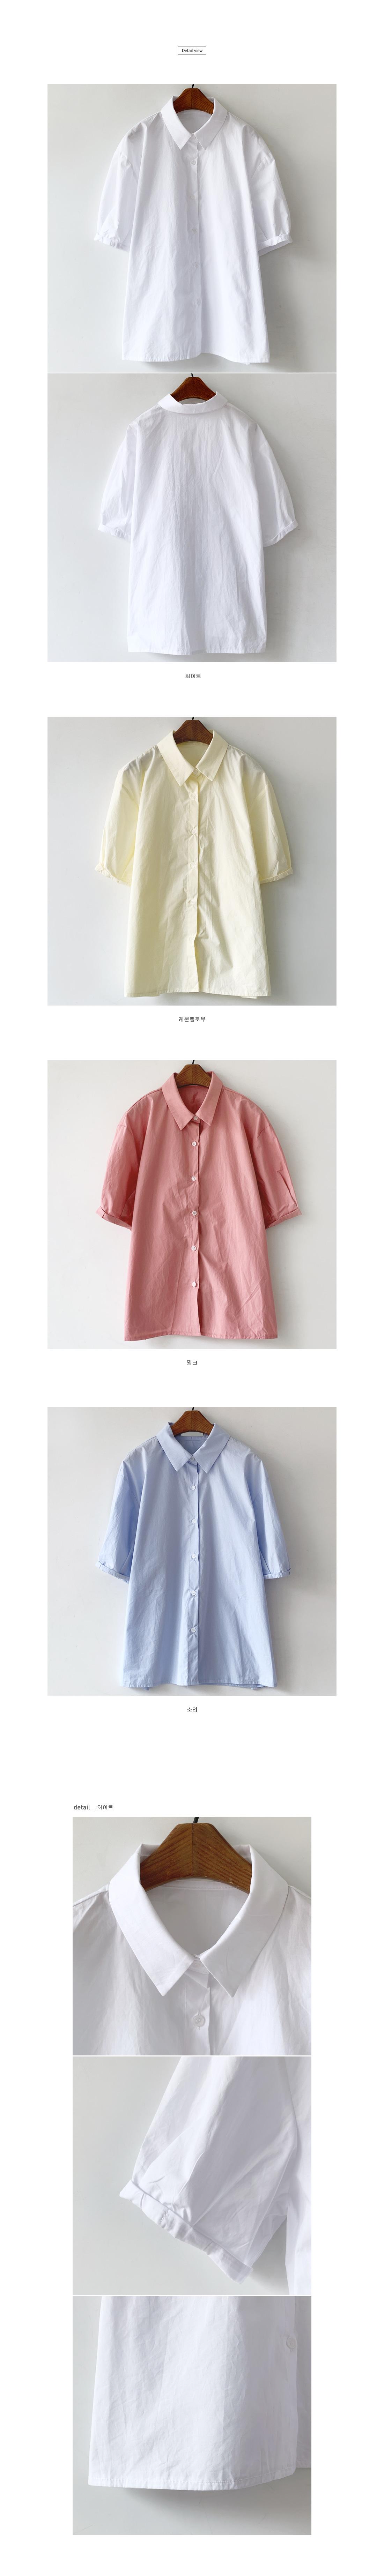 Moose Pintuck Short Sleeve Shirt